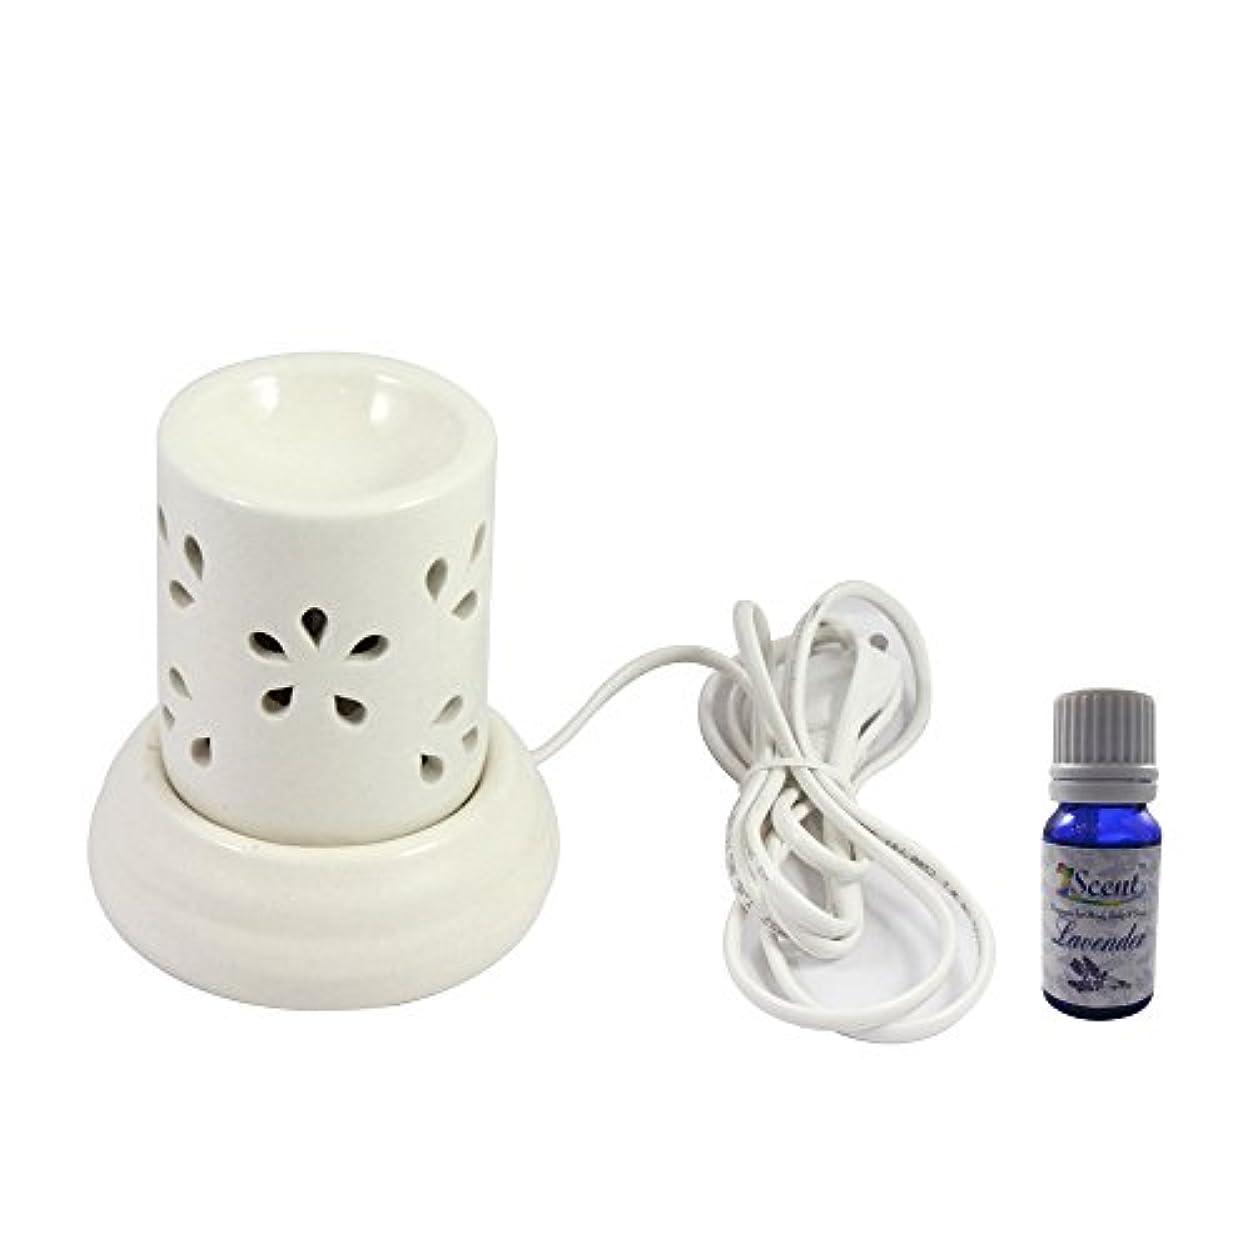 屈辱する不信生命体家庭装飾定期的に使用する汚染されていない手作りセラミックエスニック電気アロマディフューザーオイルバーナージャスミンフレグランスオイル|良質白い色の電気アロマテラピー香油暖かい数量1